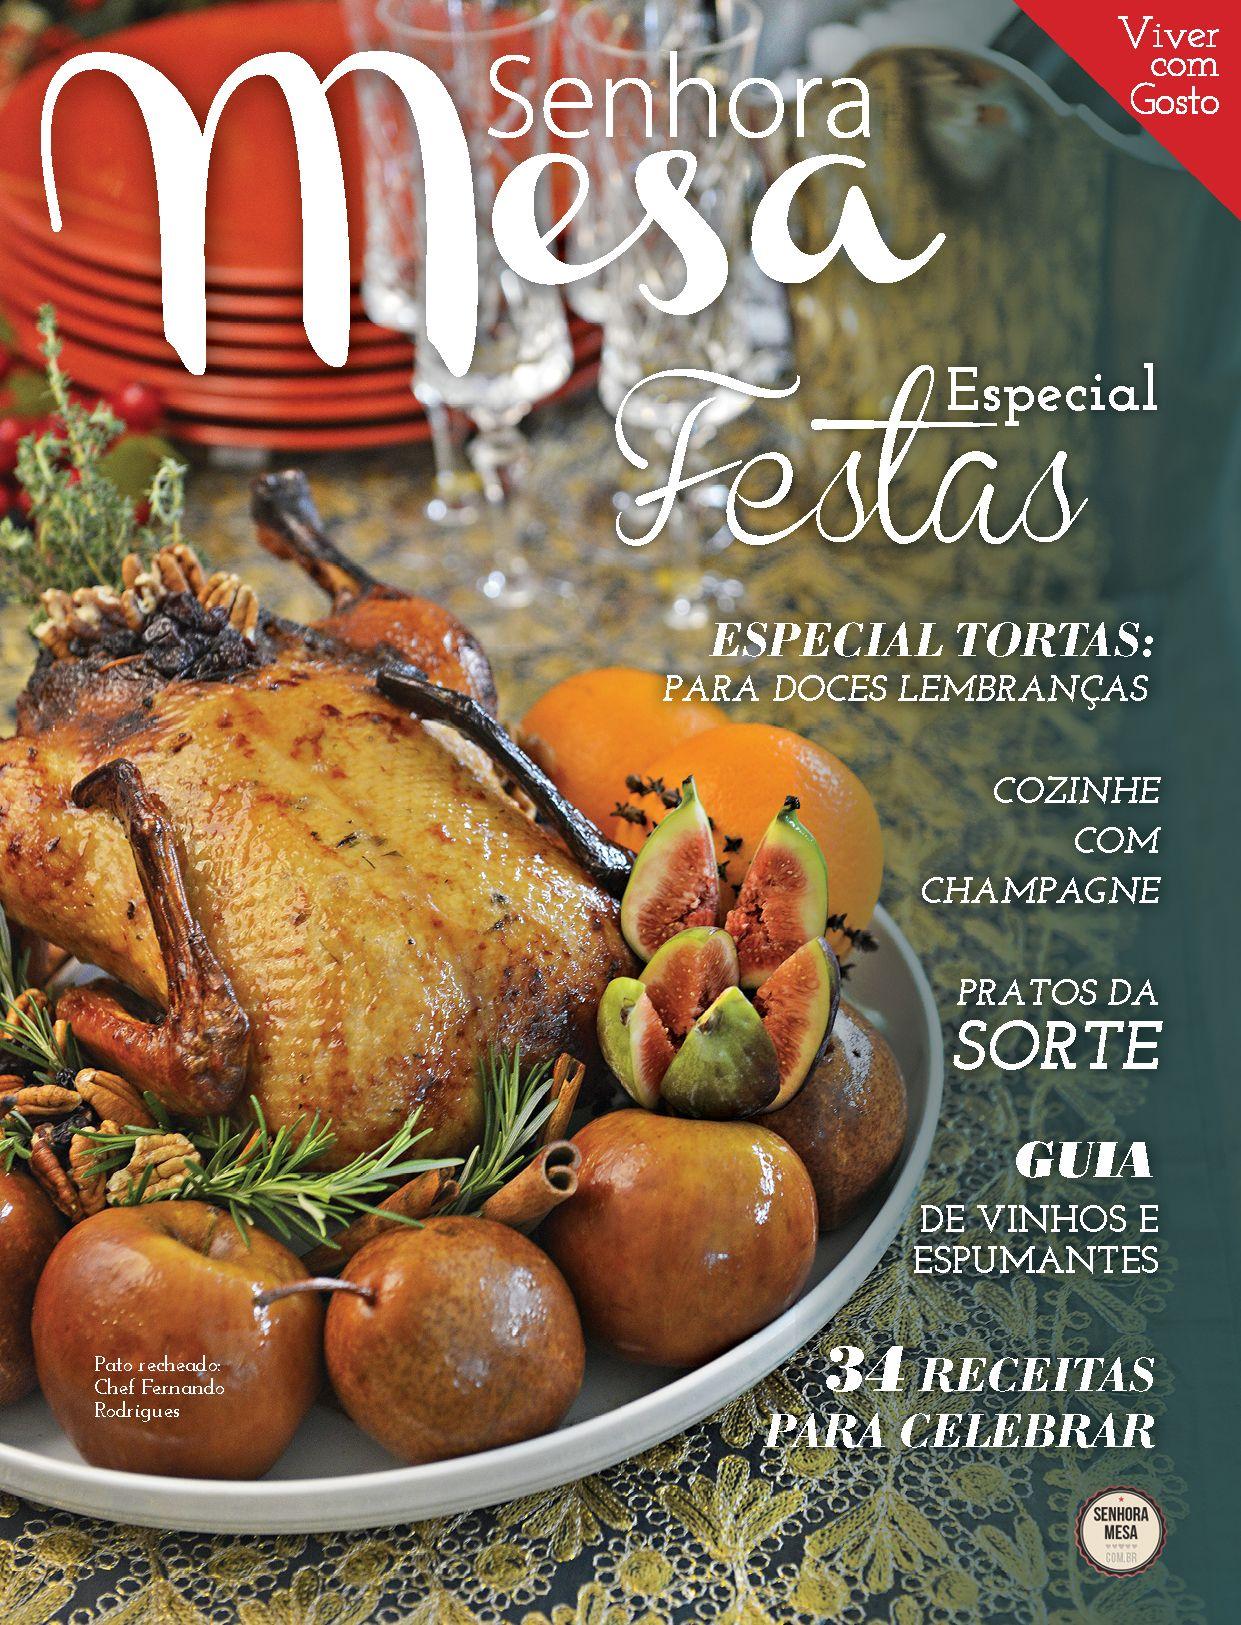 Edição Especial de Fim de Ano da Revista Senhora Mesa 2013!